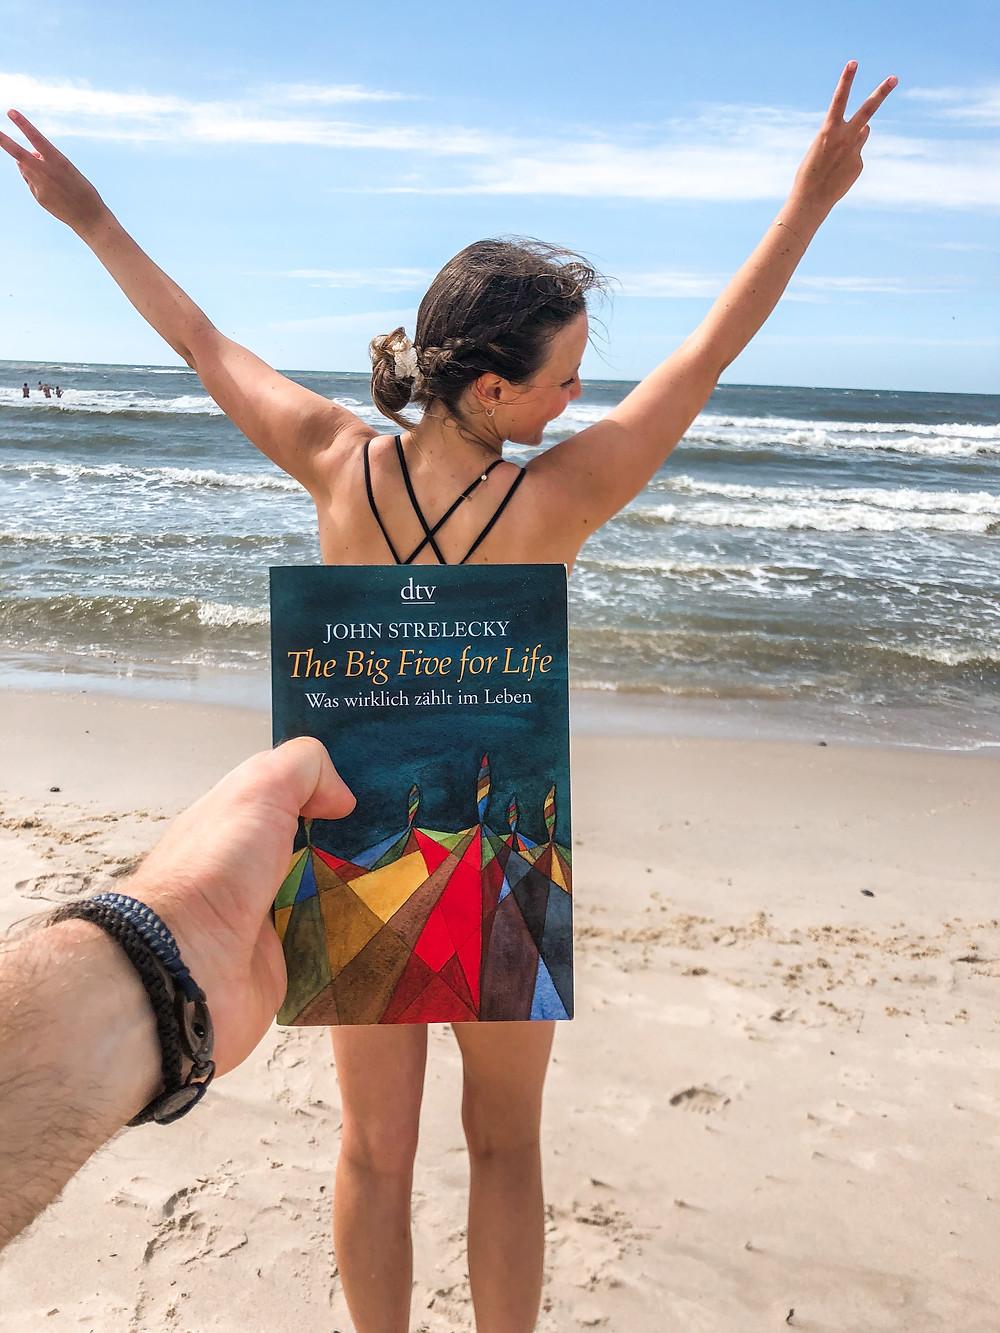 Die Rezension des Buchs The Big 5 for Live von John Strelecky geschrieben von Bookbeaches.